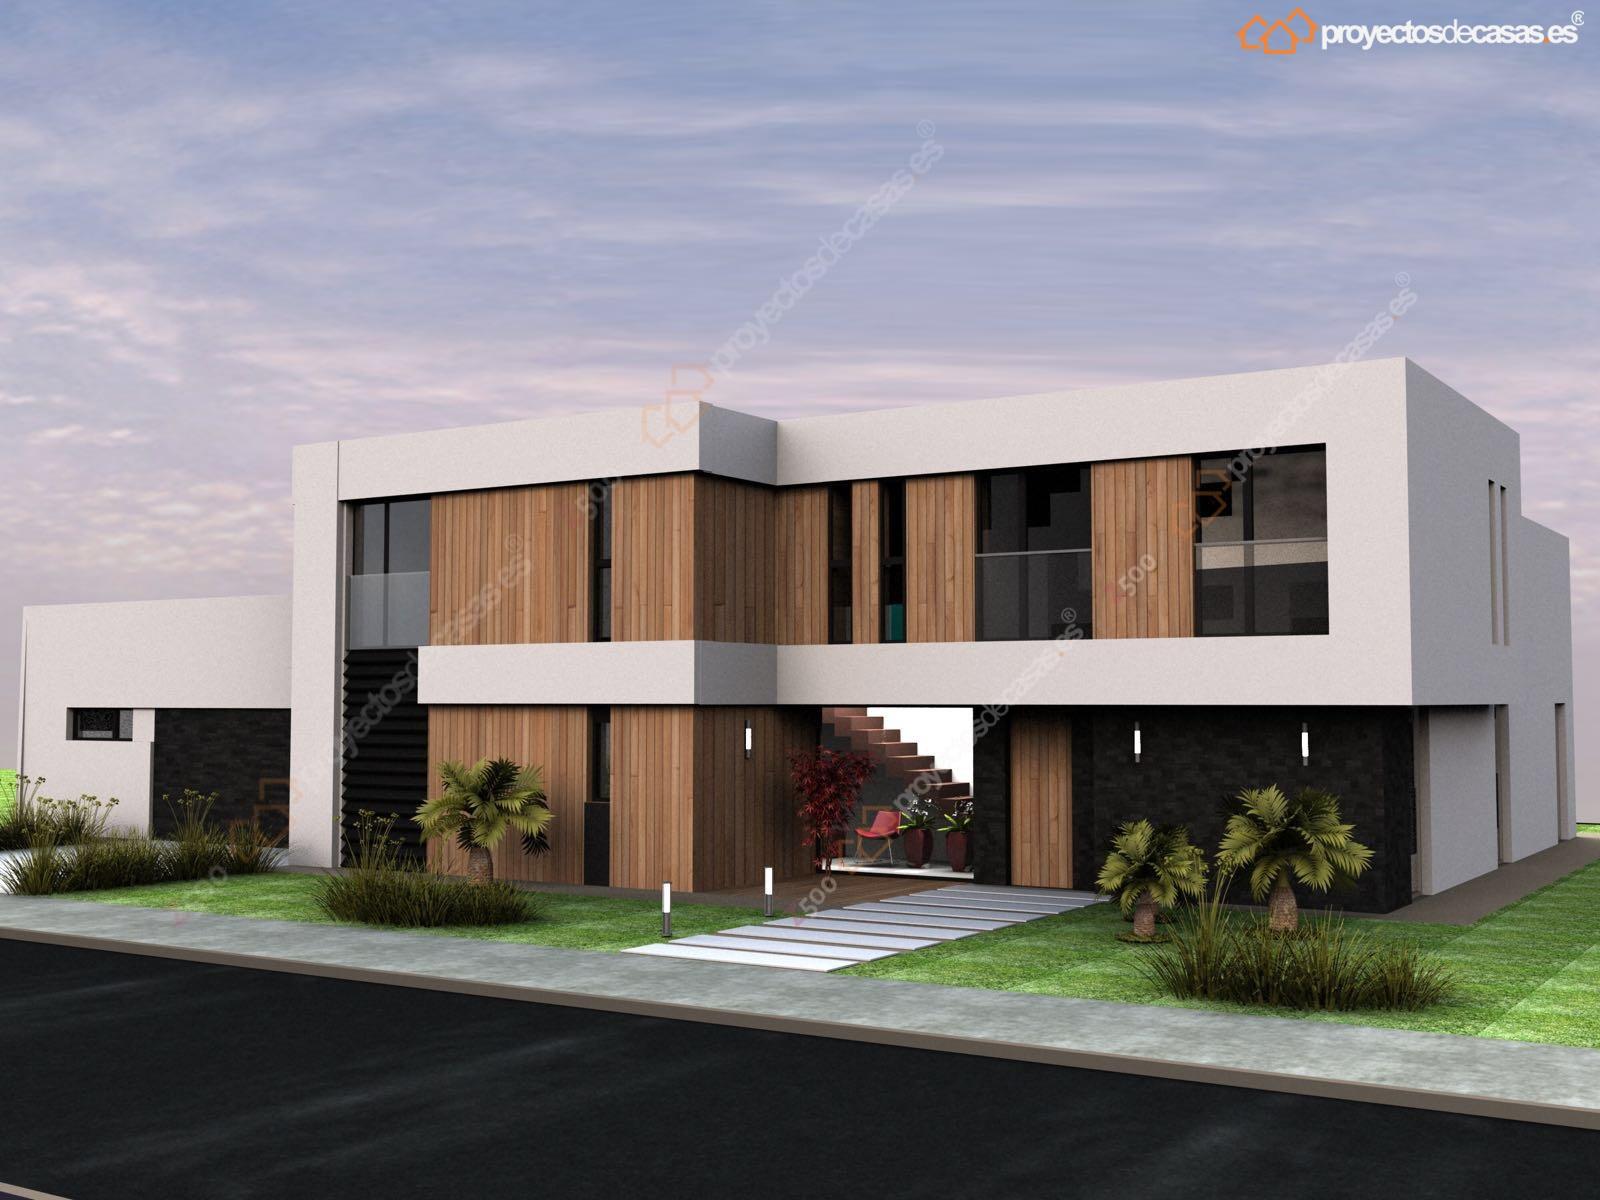 Proyectos de casas dise o y construcci n de casas for La terraza de la casa barranquilla telefono